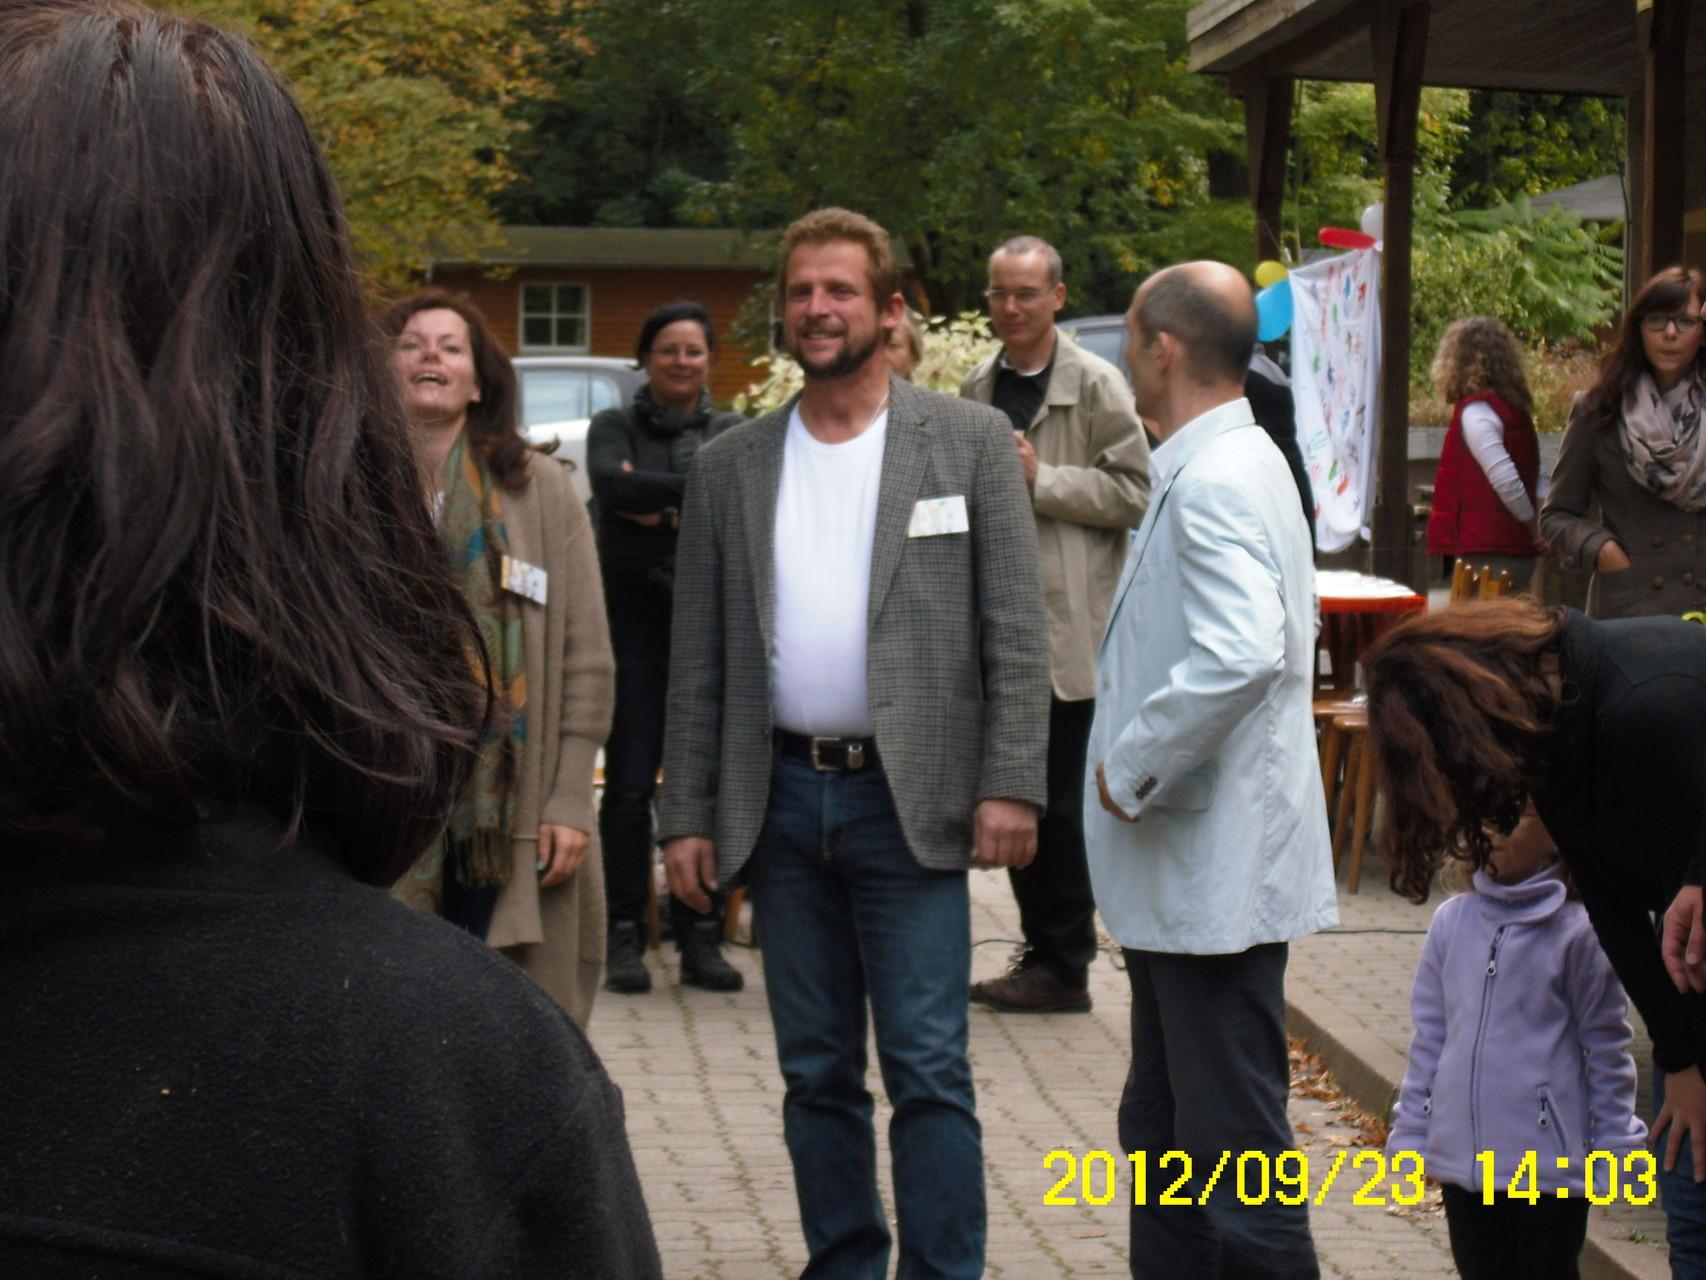 Steffen Thomas (Herausgeber) im  Gespräch mit Ralf Lemke (Moderation bei der Präsentationsveranstaltung)